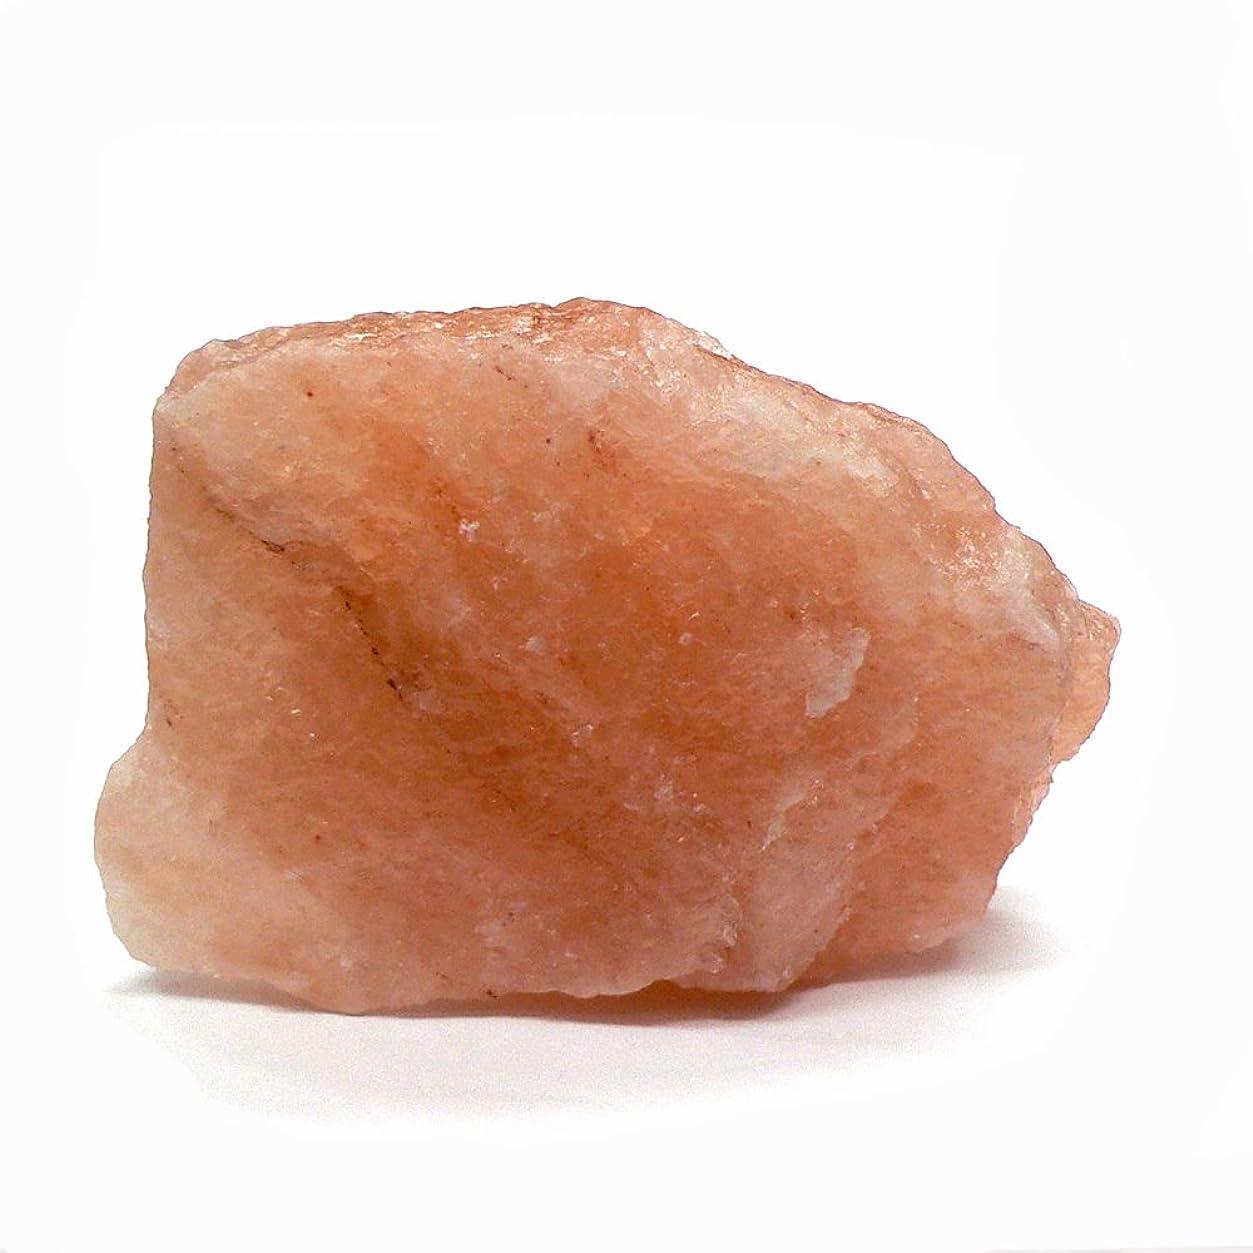 ボート絡まる読書をするヒマラヤ岩塩 ピンク岩塩 ピンクソルト 塊り(洗浄済)55 岩塩塊